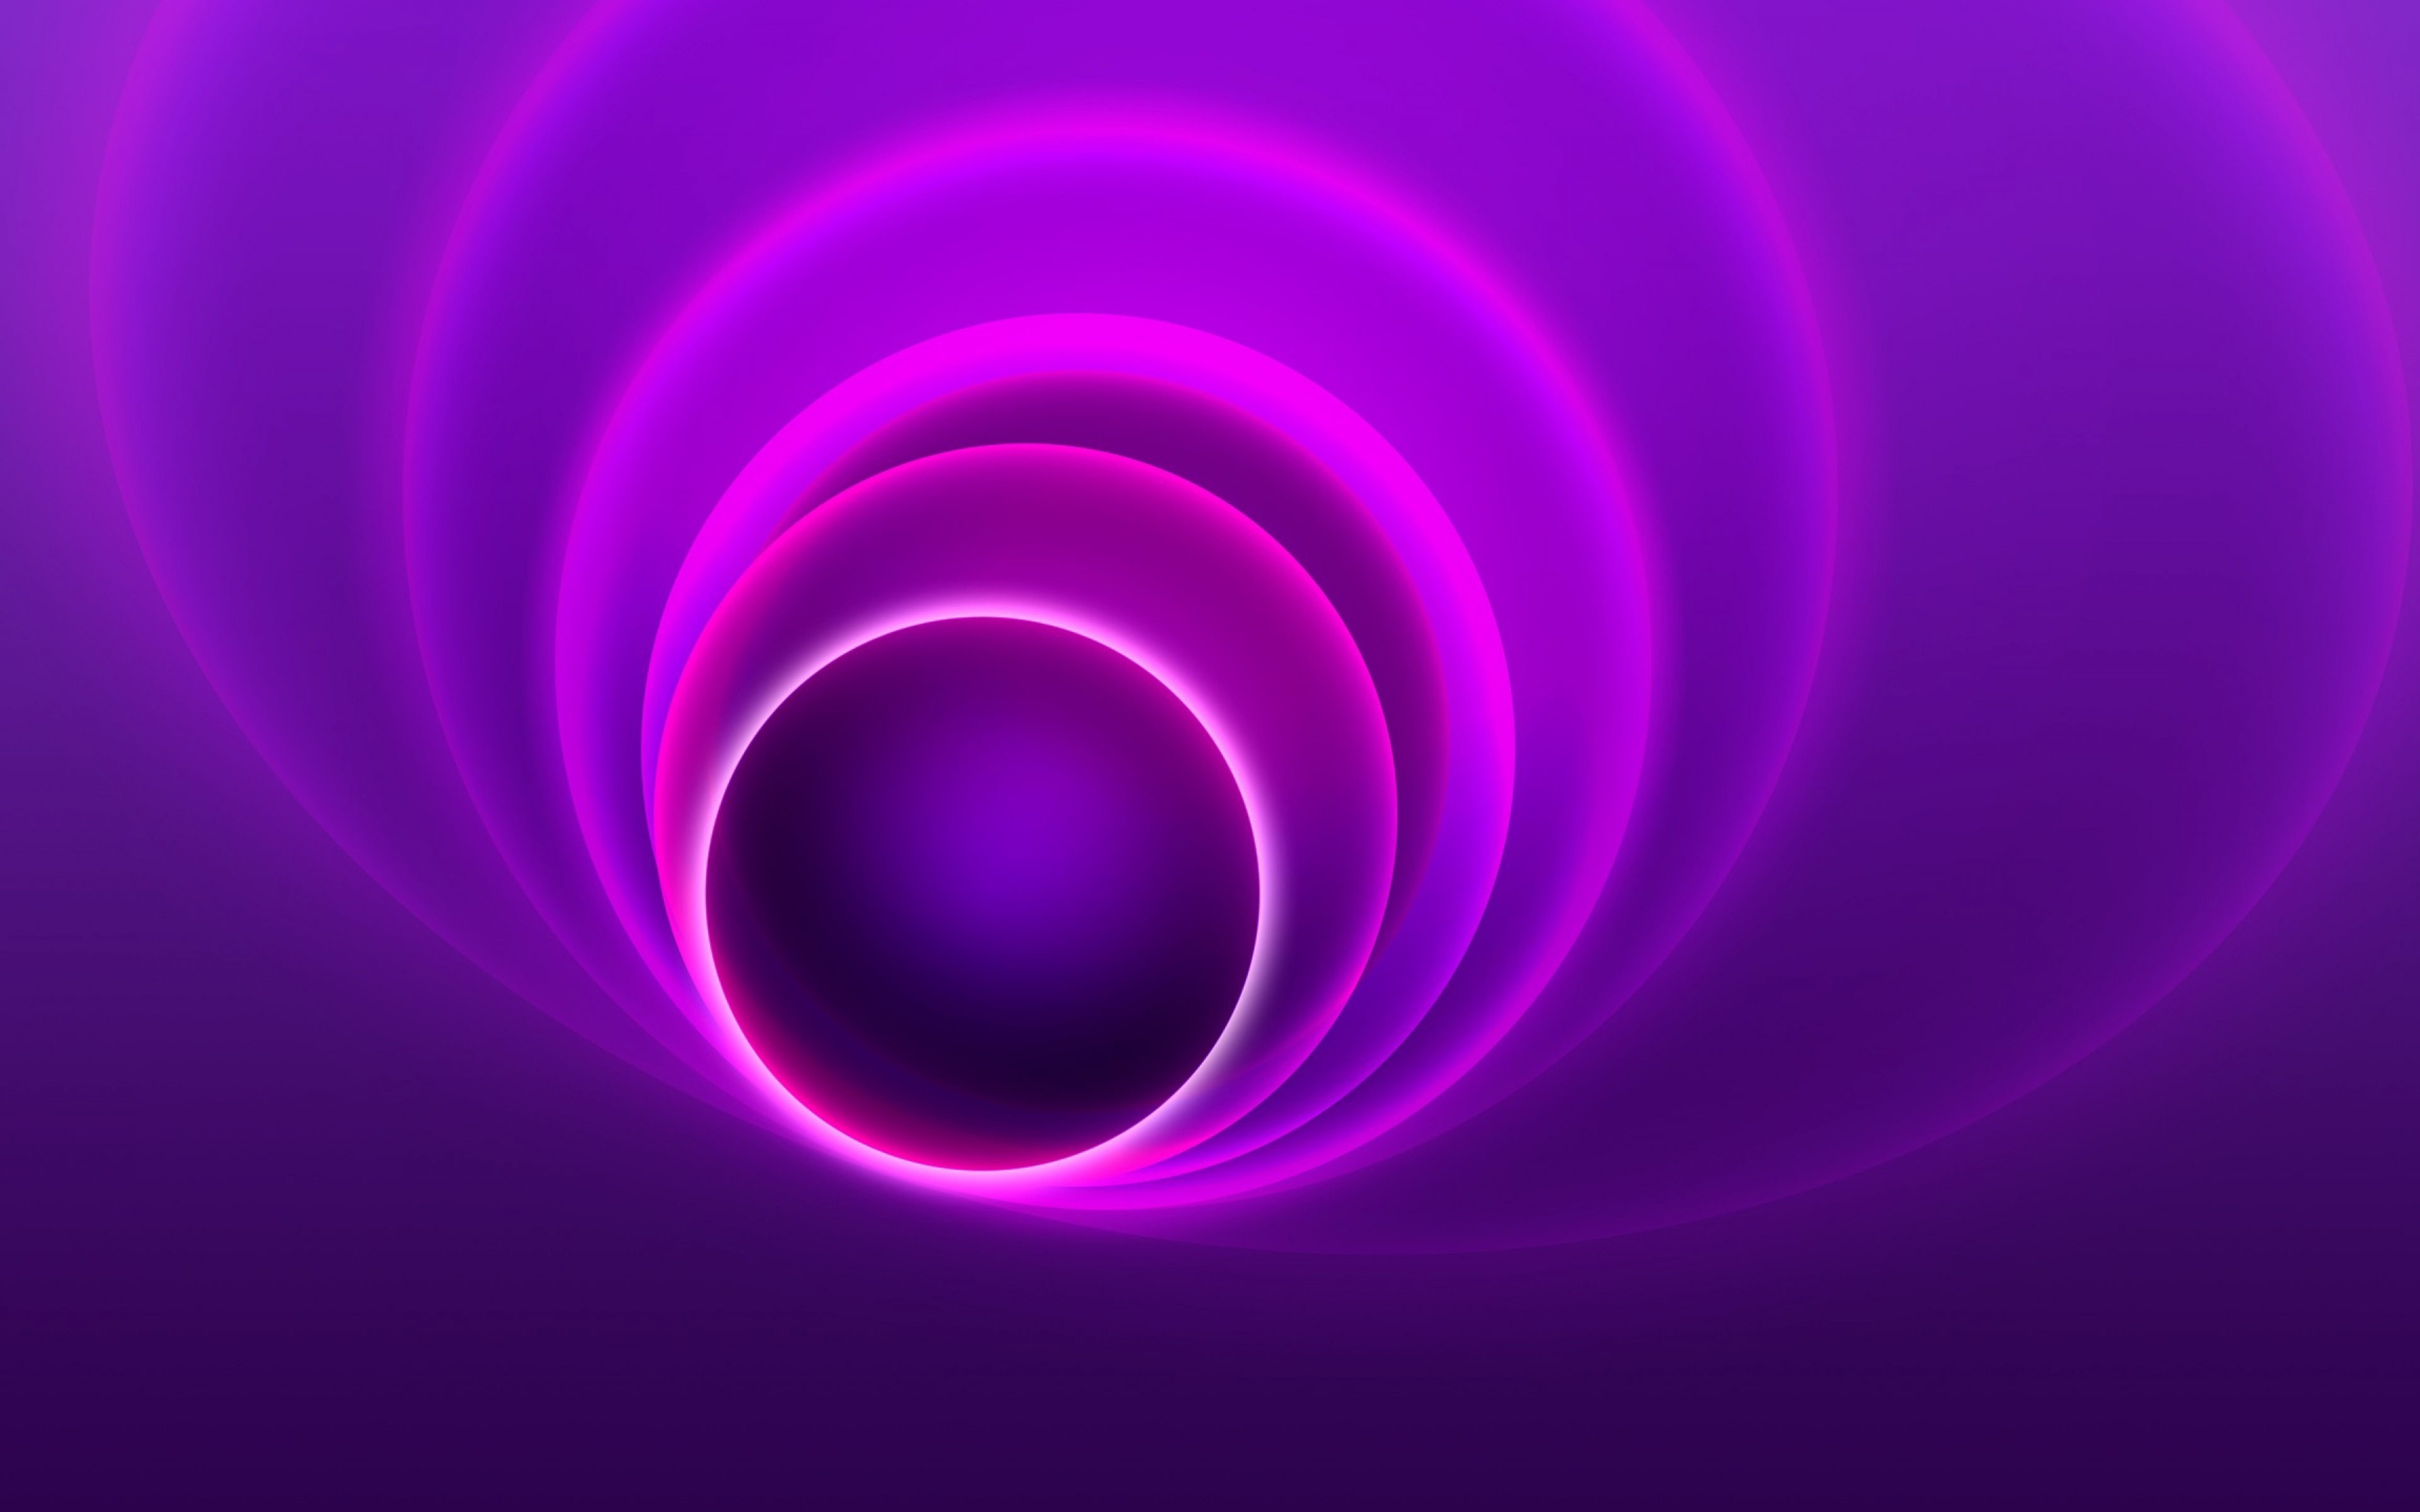 4k-abstract-circle-hd.jpg